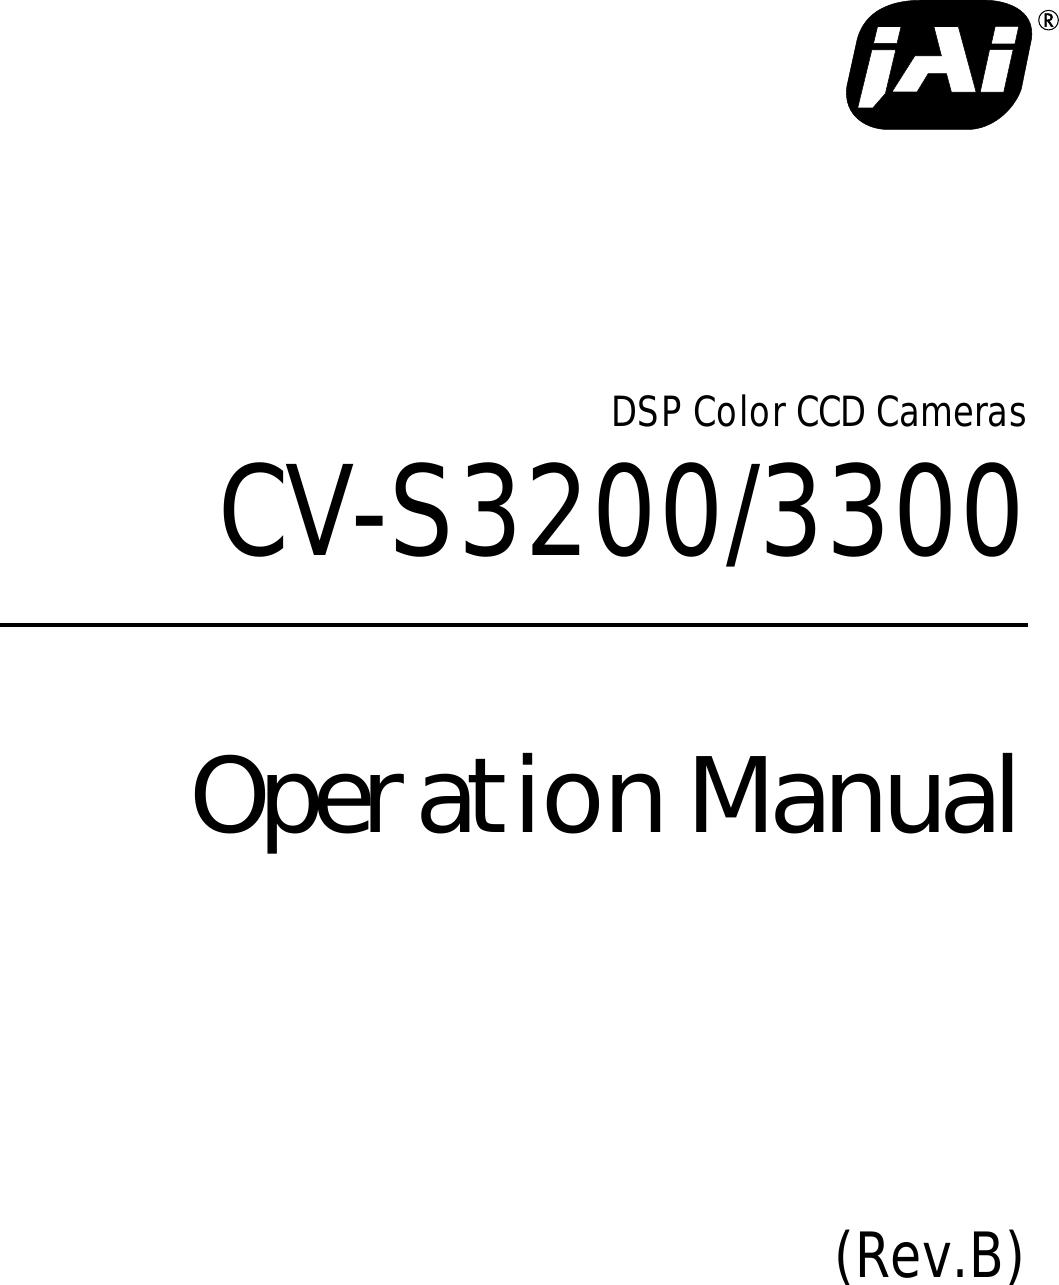 Jai Cv S3200 Users Manual